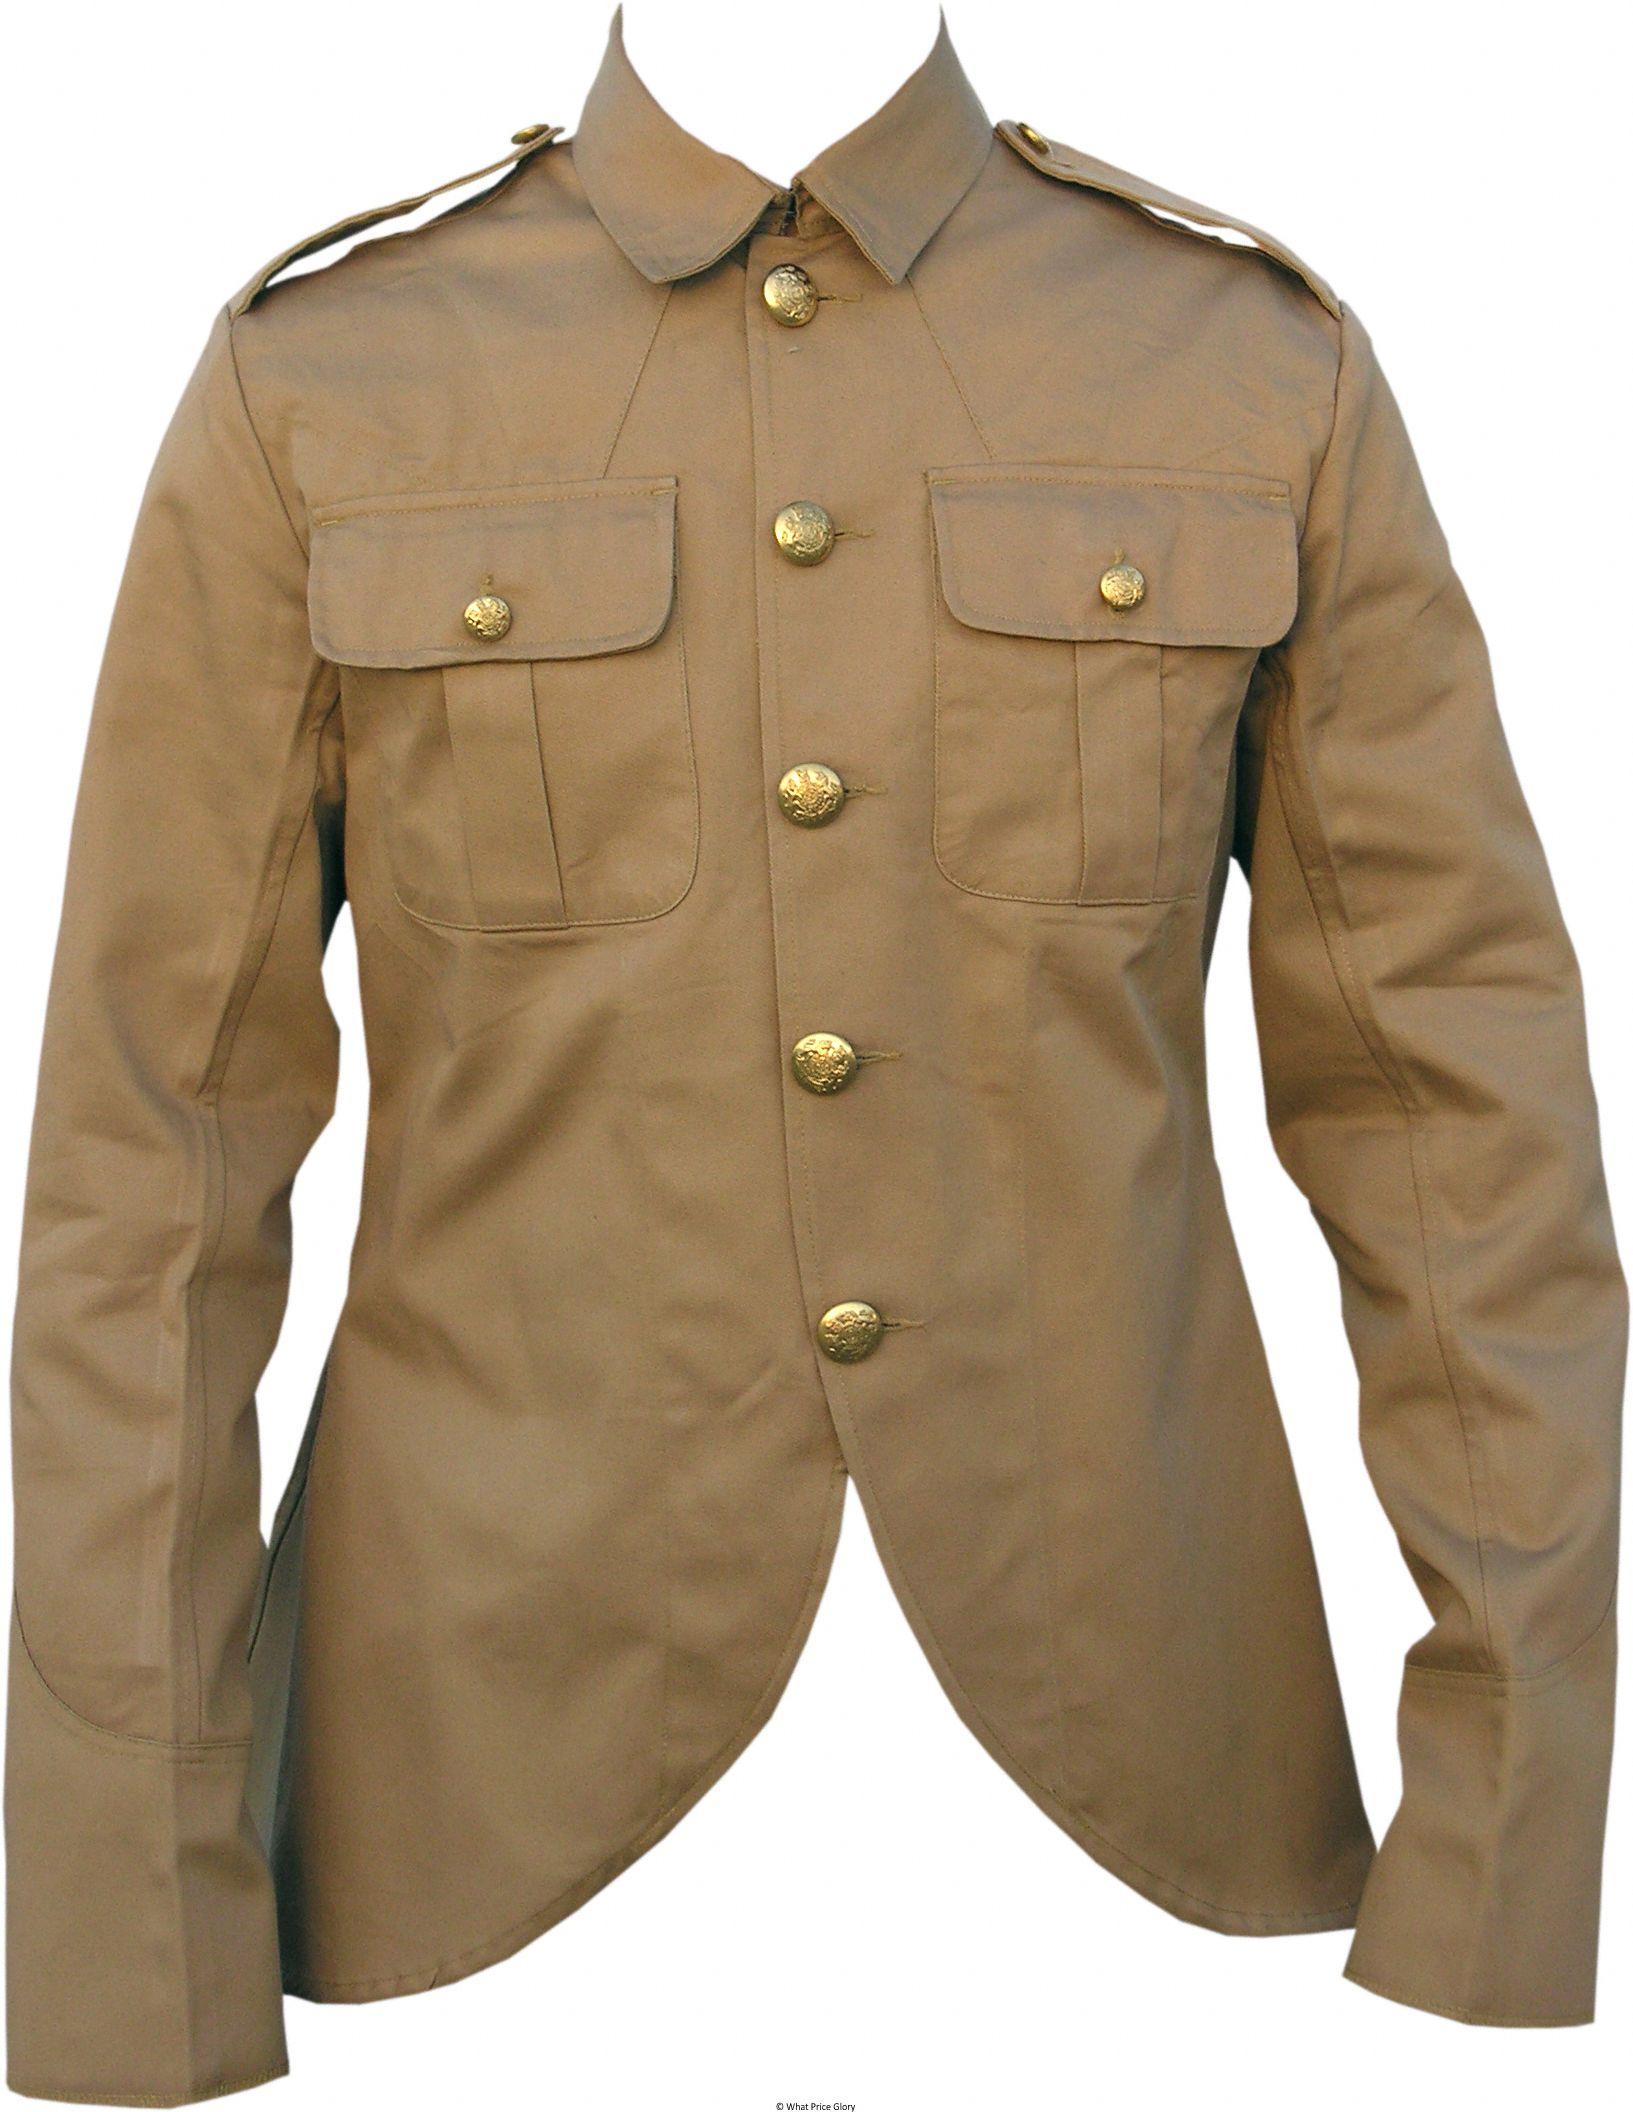 My new uniform tunic, set to arrive shortly. Hopefully I